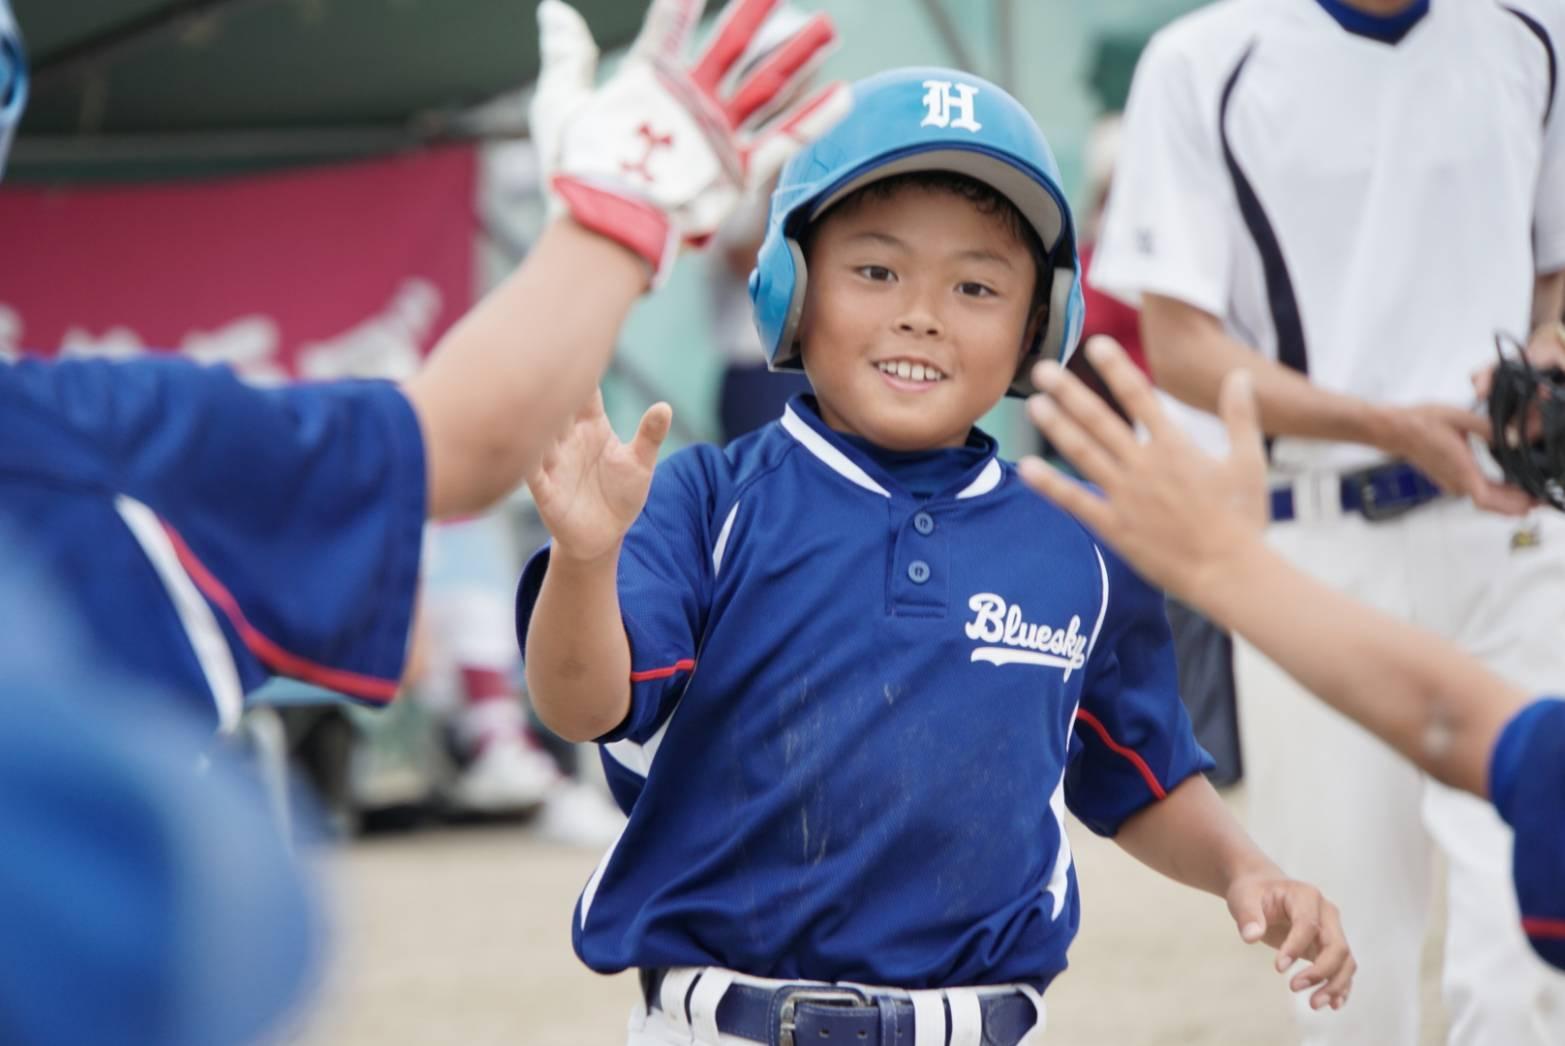 6月23日練習試合結果です!vs阪之上柏葉野球クラブさん_b0095176_18072553.jpeg